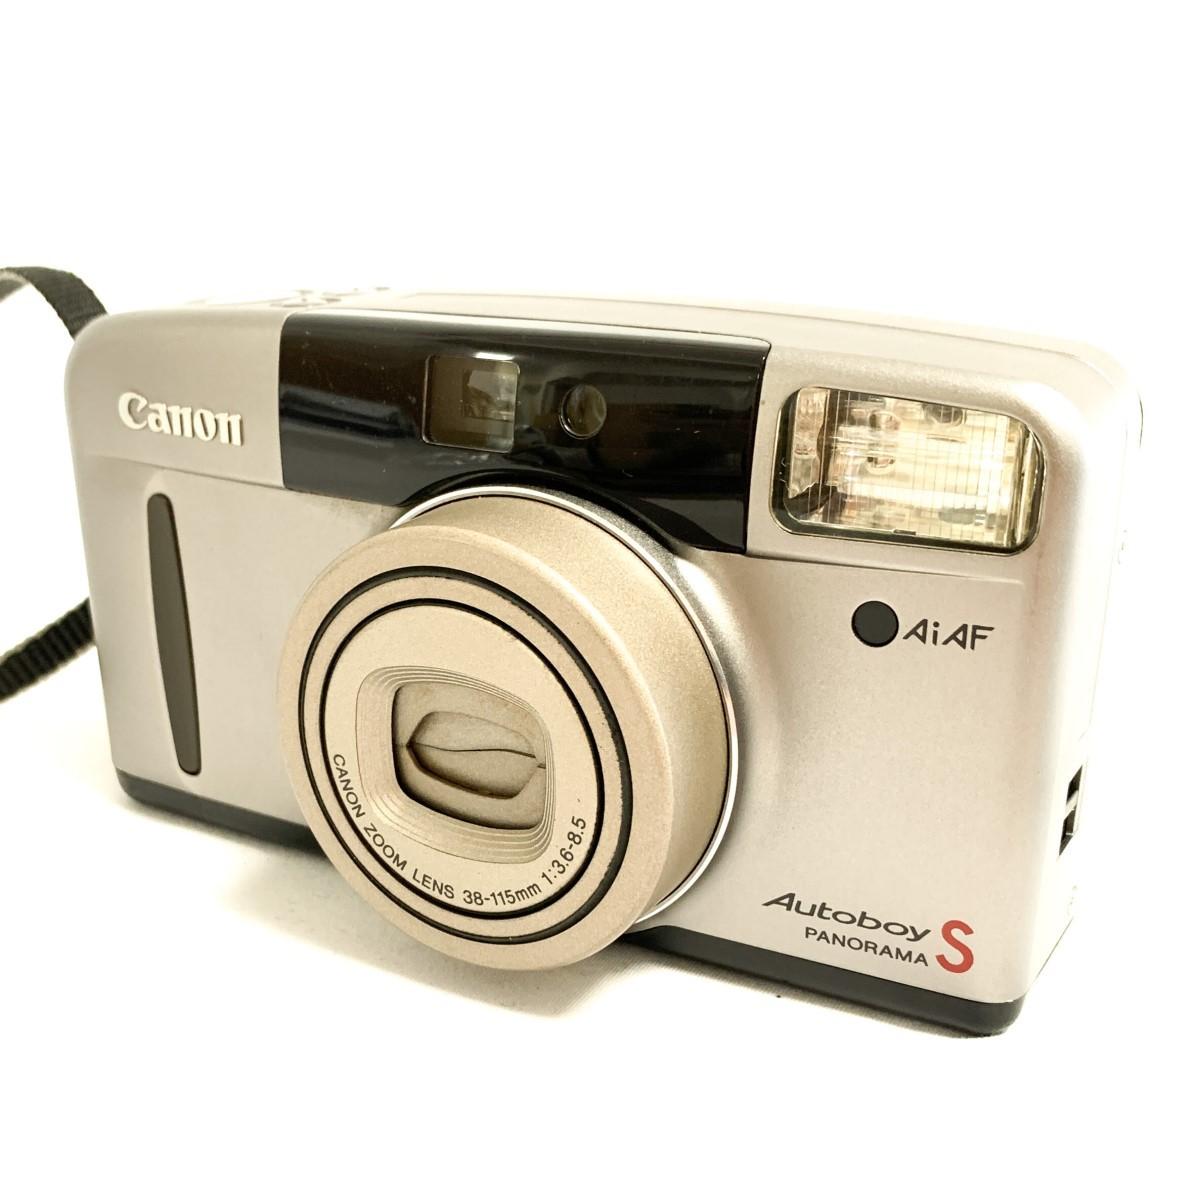 【極美品 完動品】Canon Autoboy S PANORAMA Ai AF 38-115mm 広角~望遠域レンズ パノラマ撮影 キャノン コンパクトフィルムカメラ C424_画像3